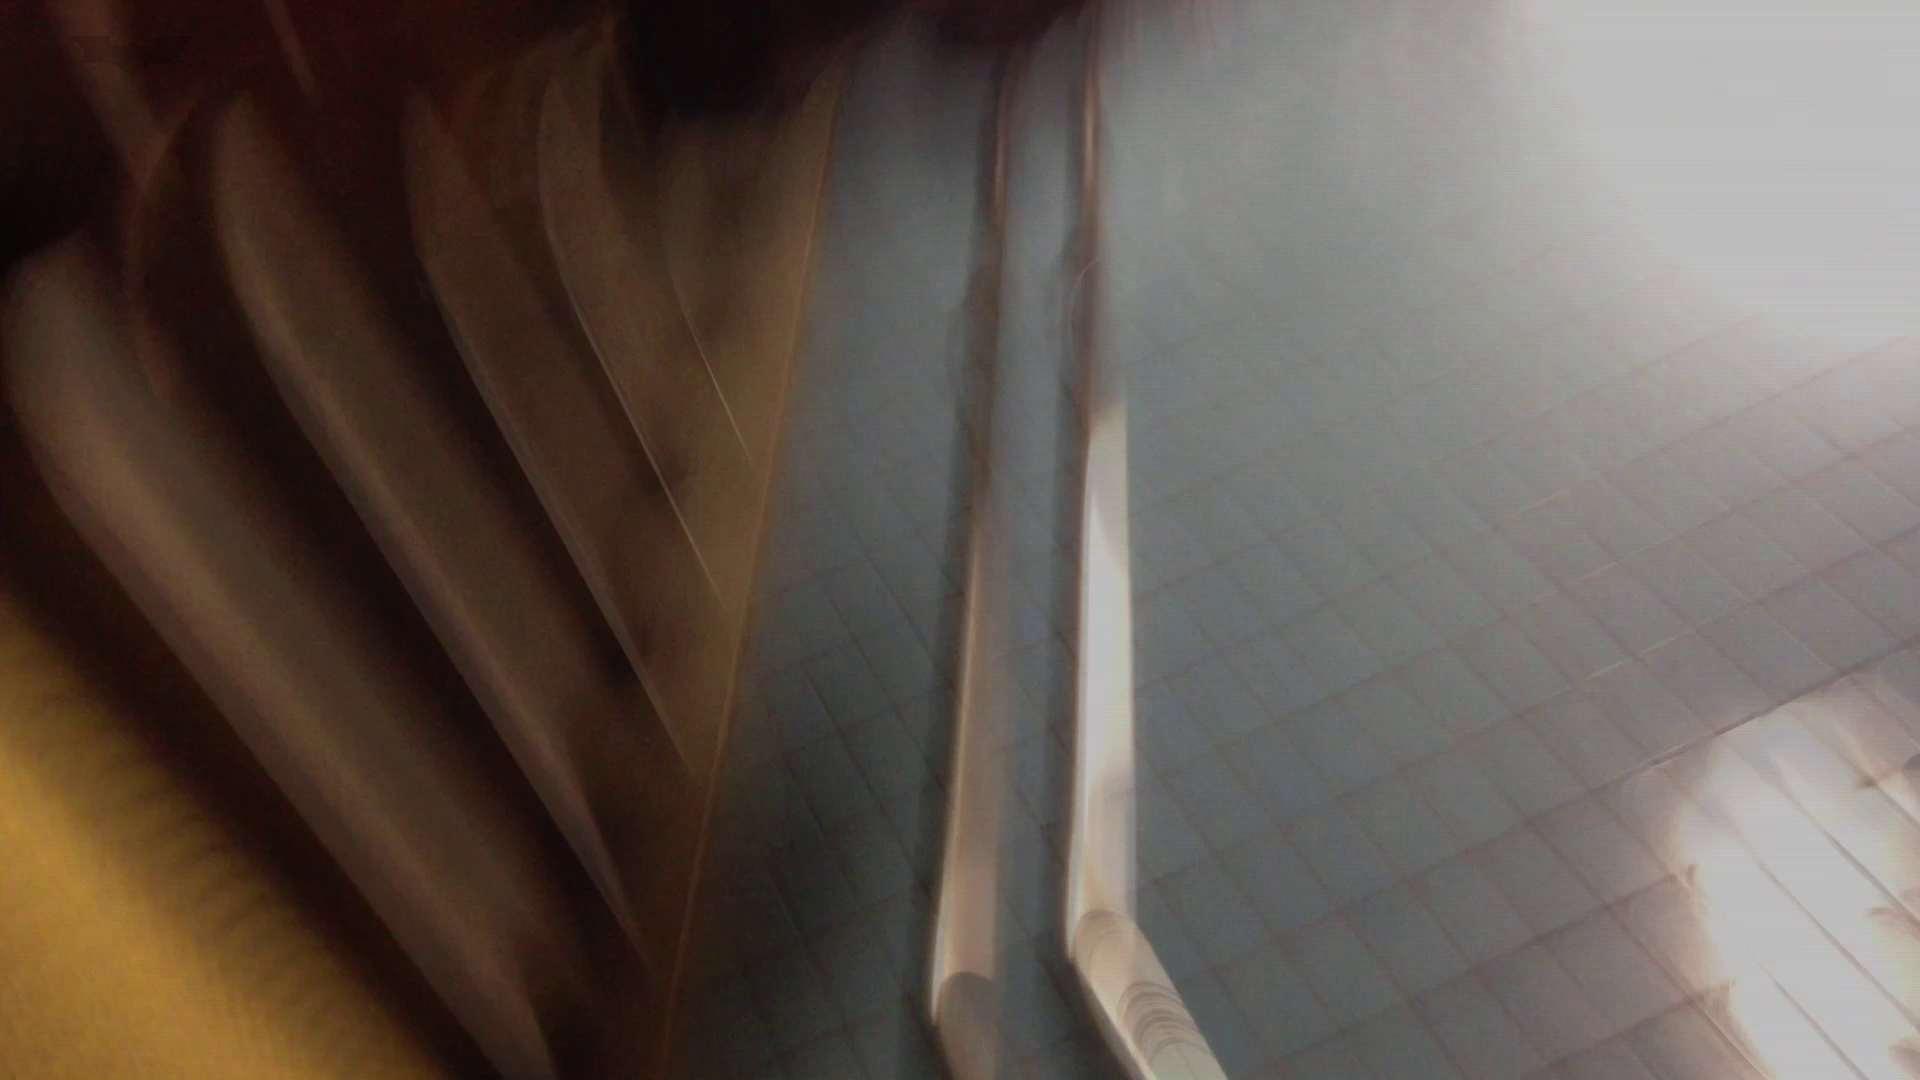 階段パンチラ Vol.01 パンチラ  54PIX 1